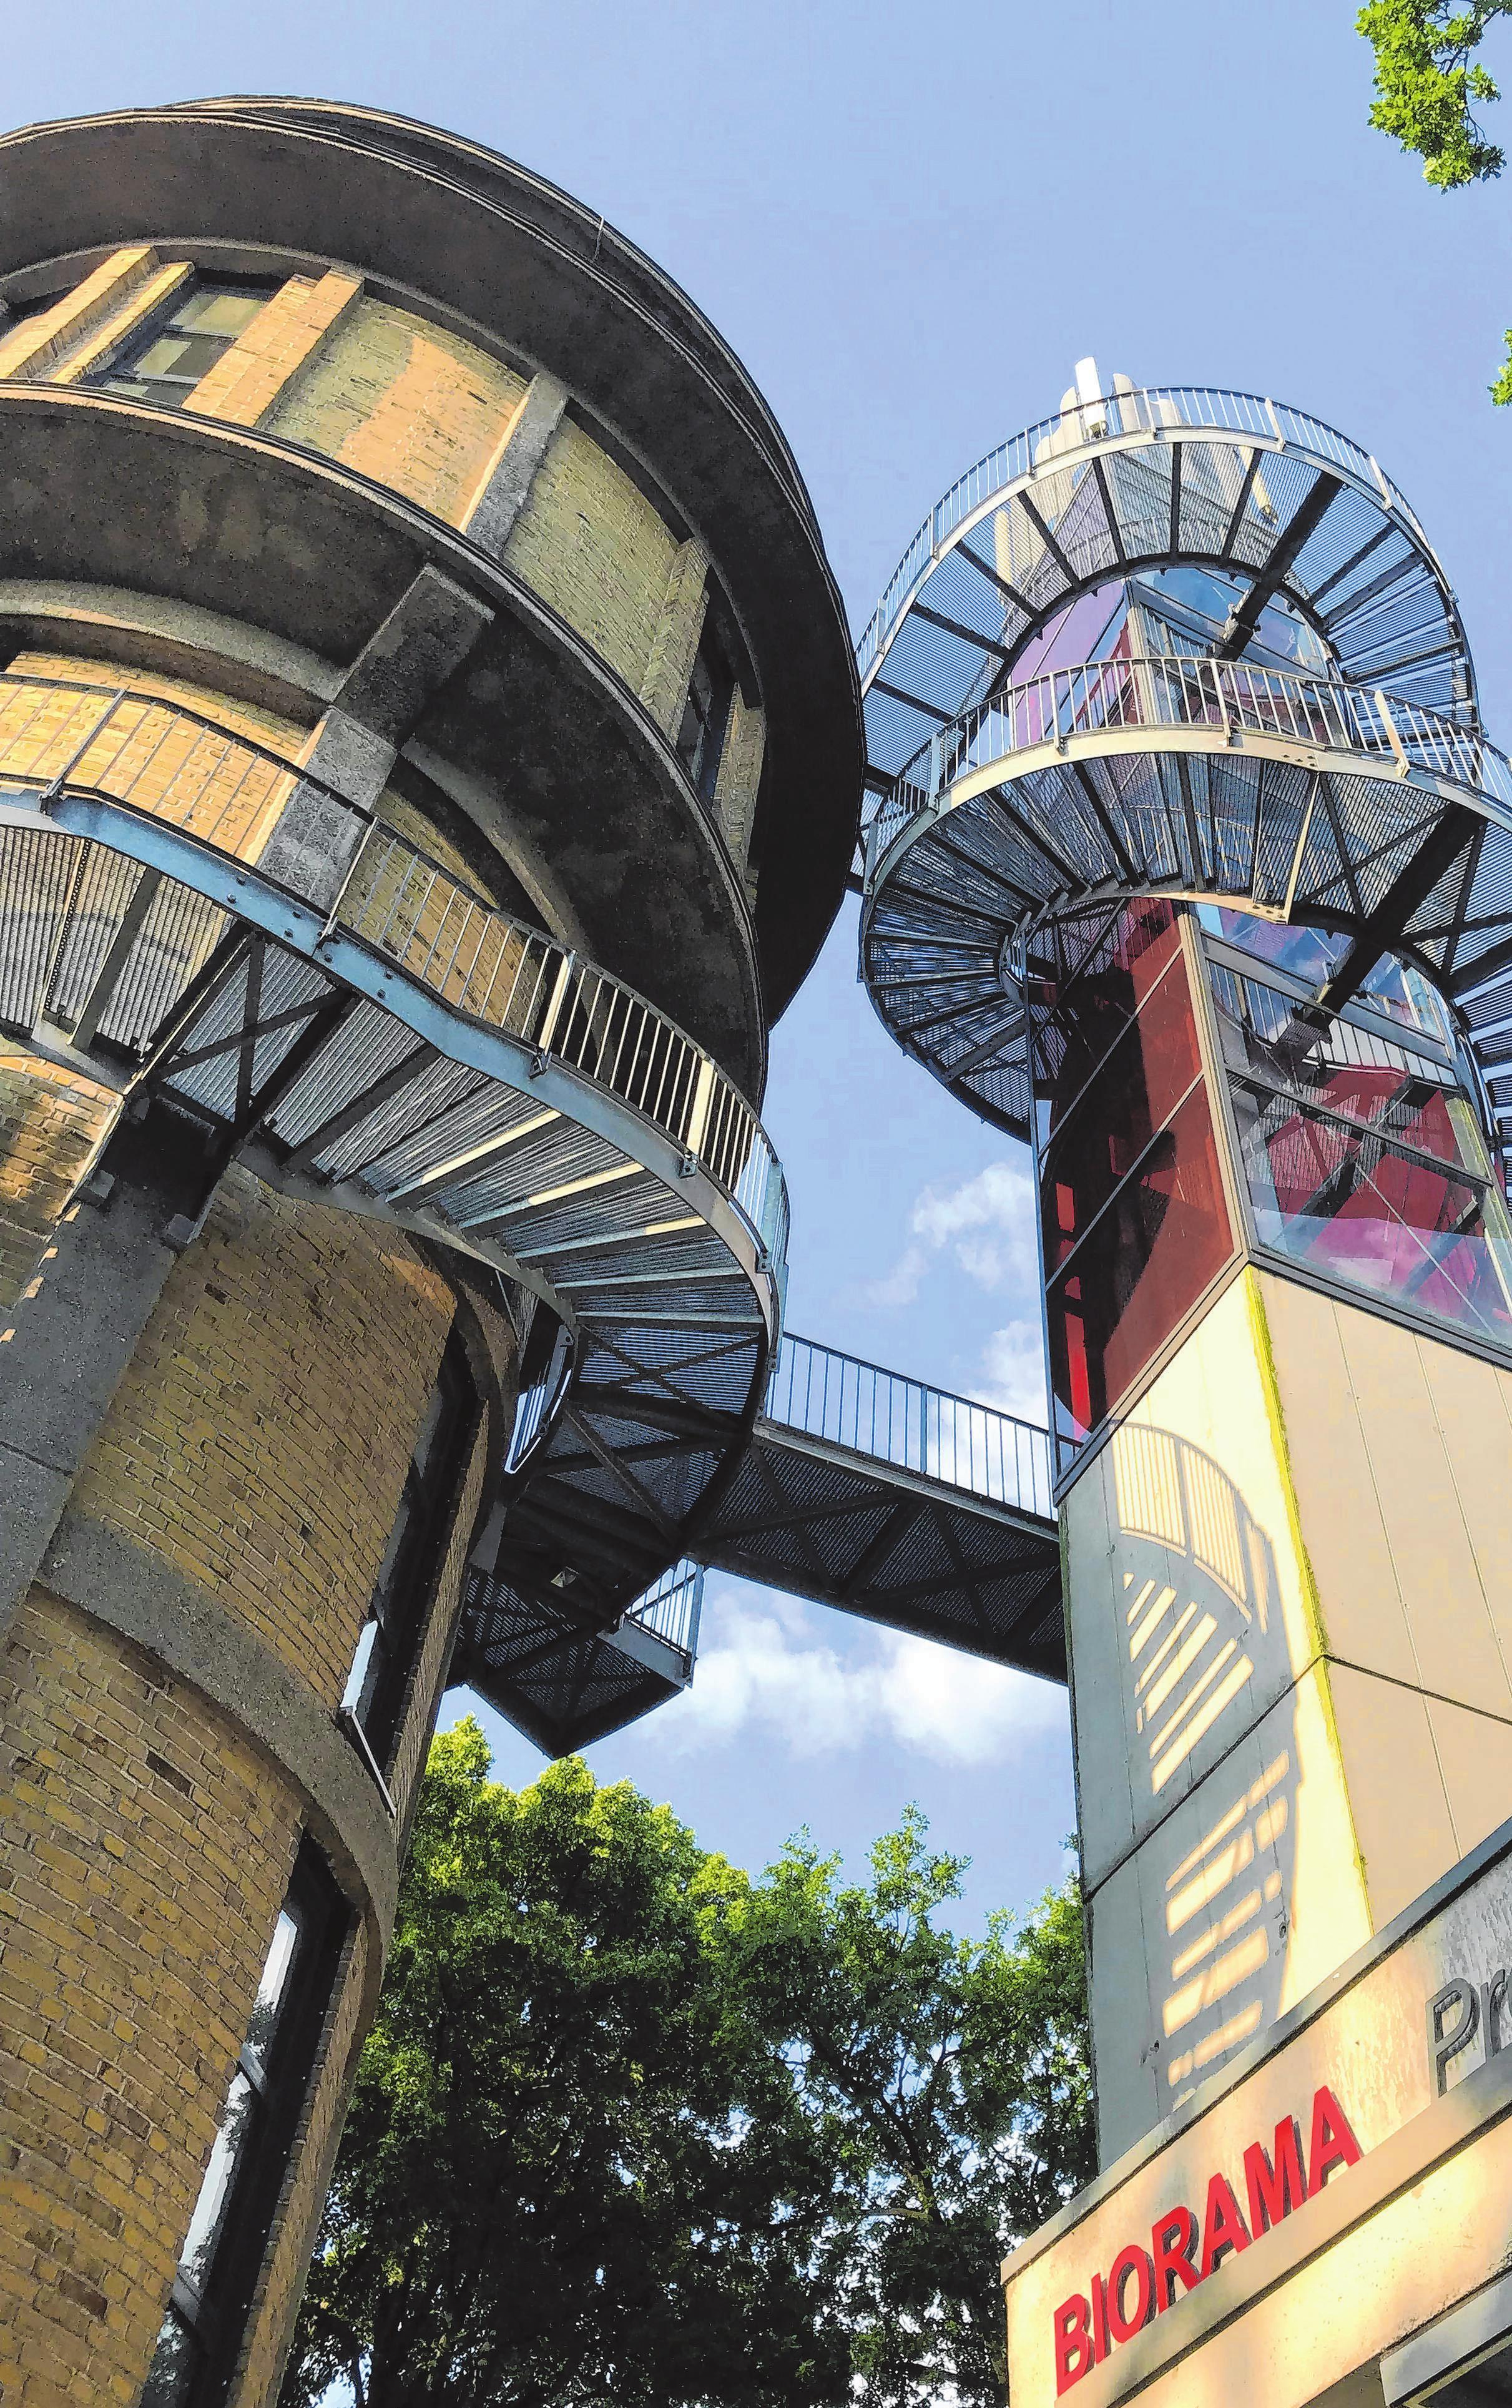 Blick auf den Wasserturm mit Aussichtsplattform